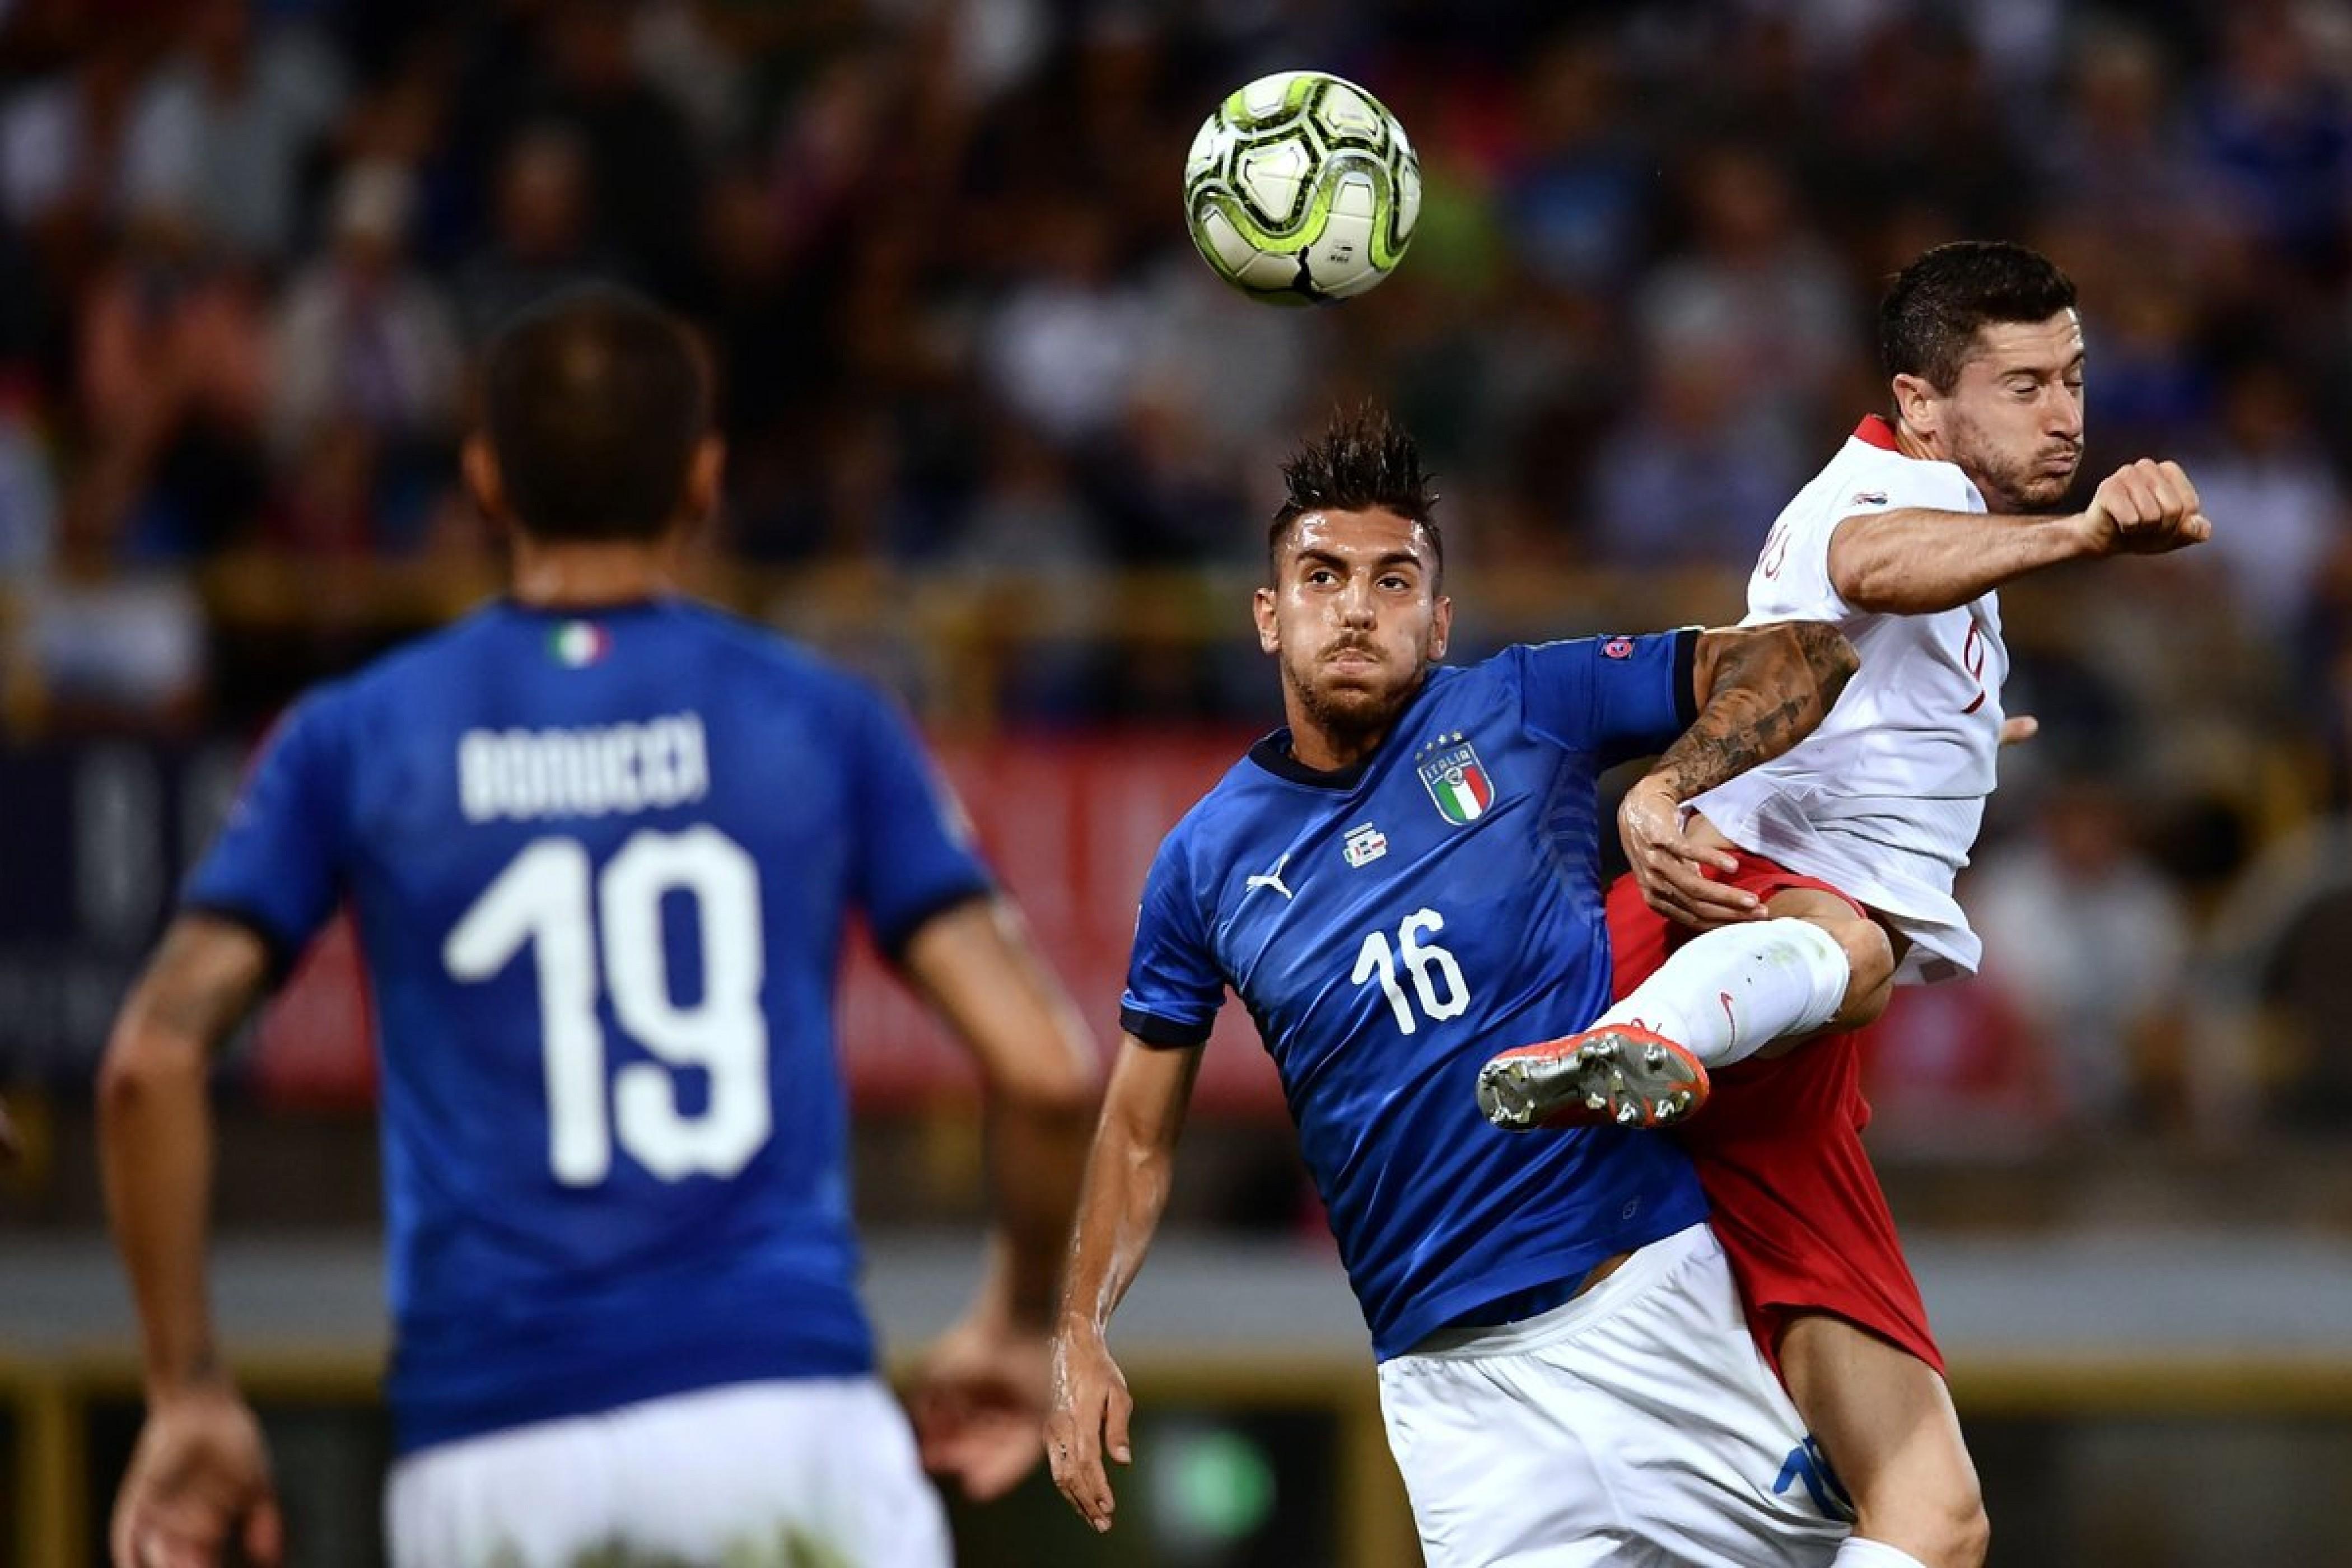 Uefa Nations League - Italia stasera contro il Portogallo: Mancini cambia formazione. Fuori Balotelli e Zappacosta